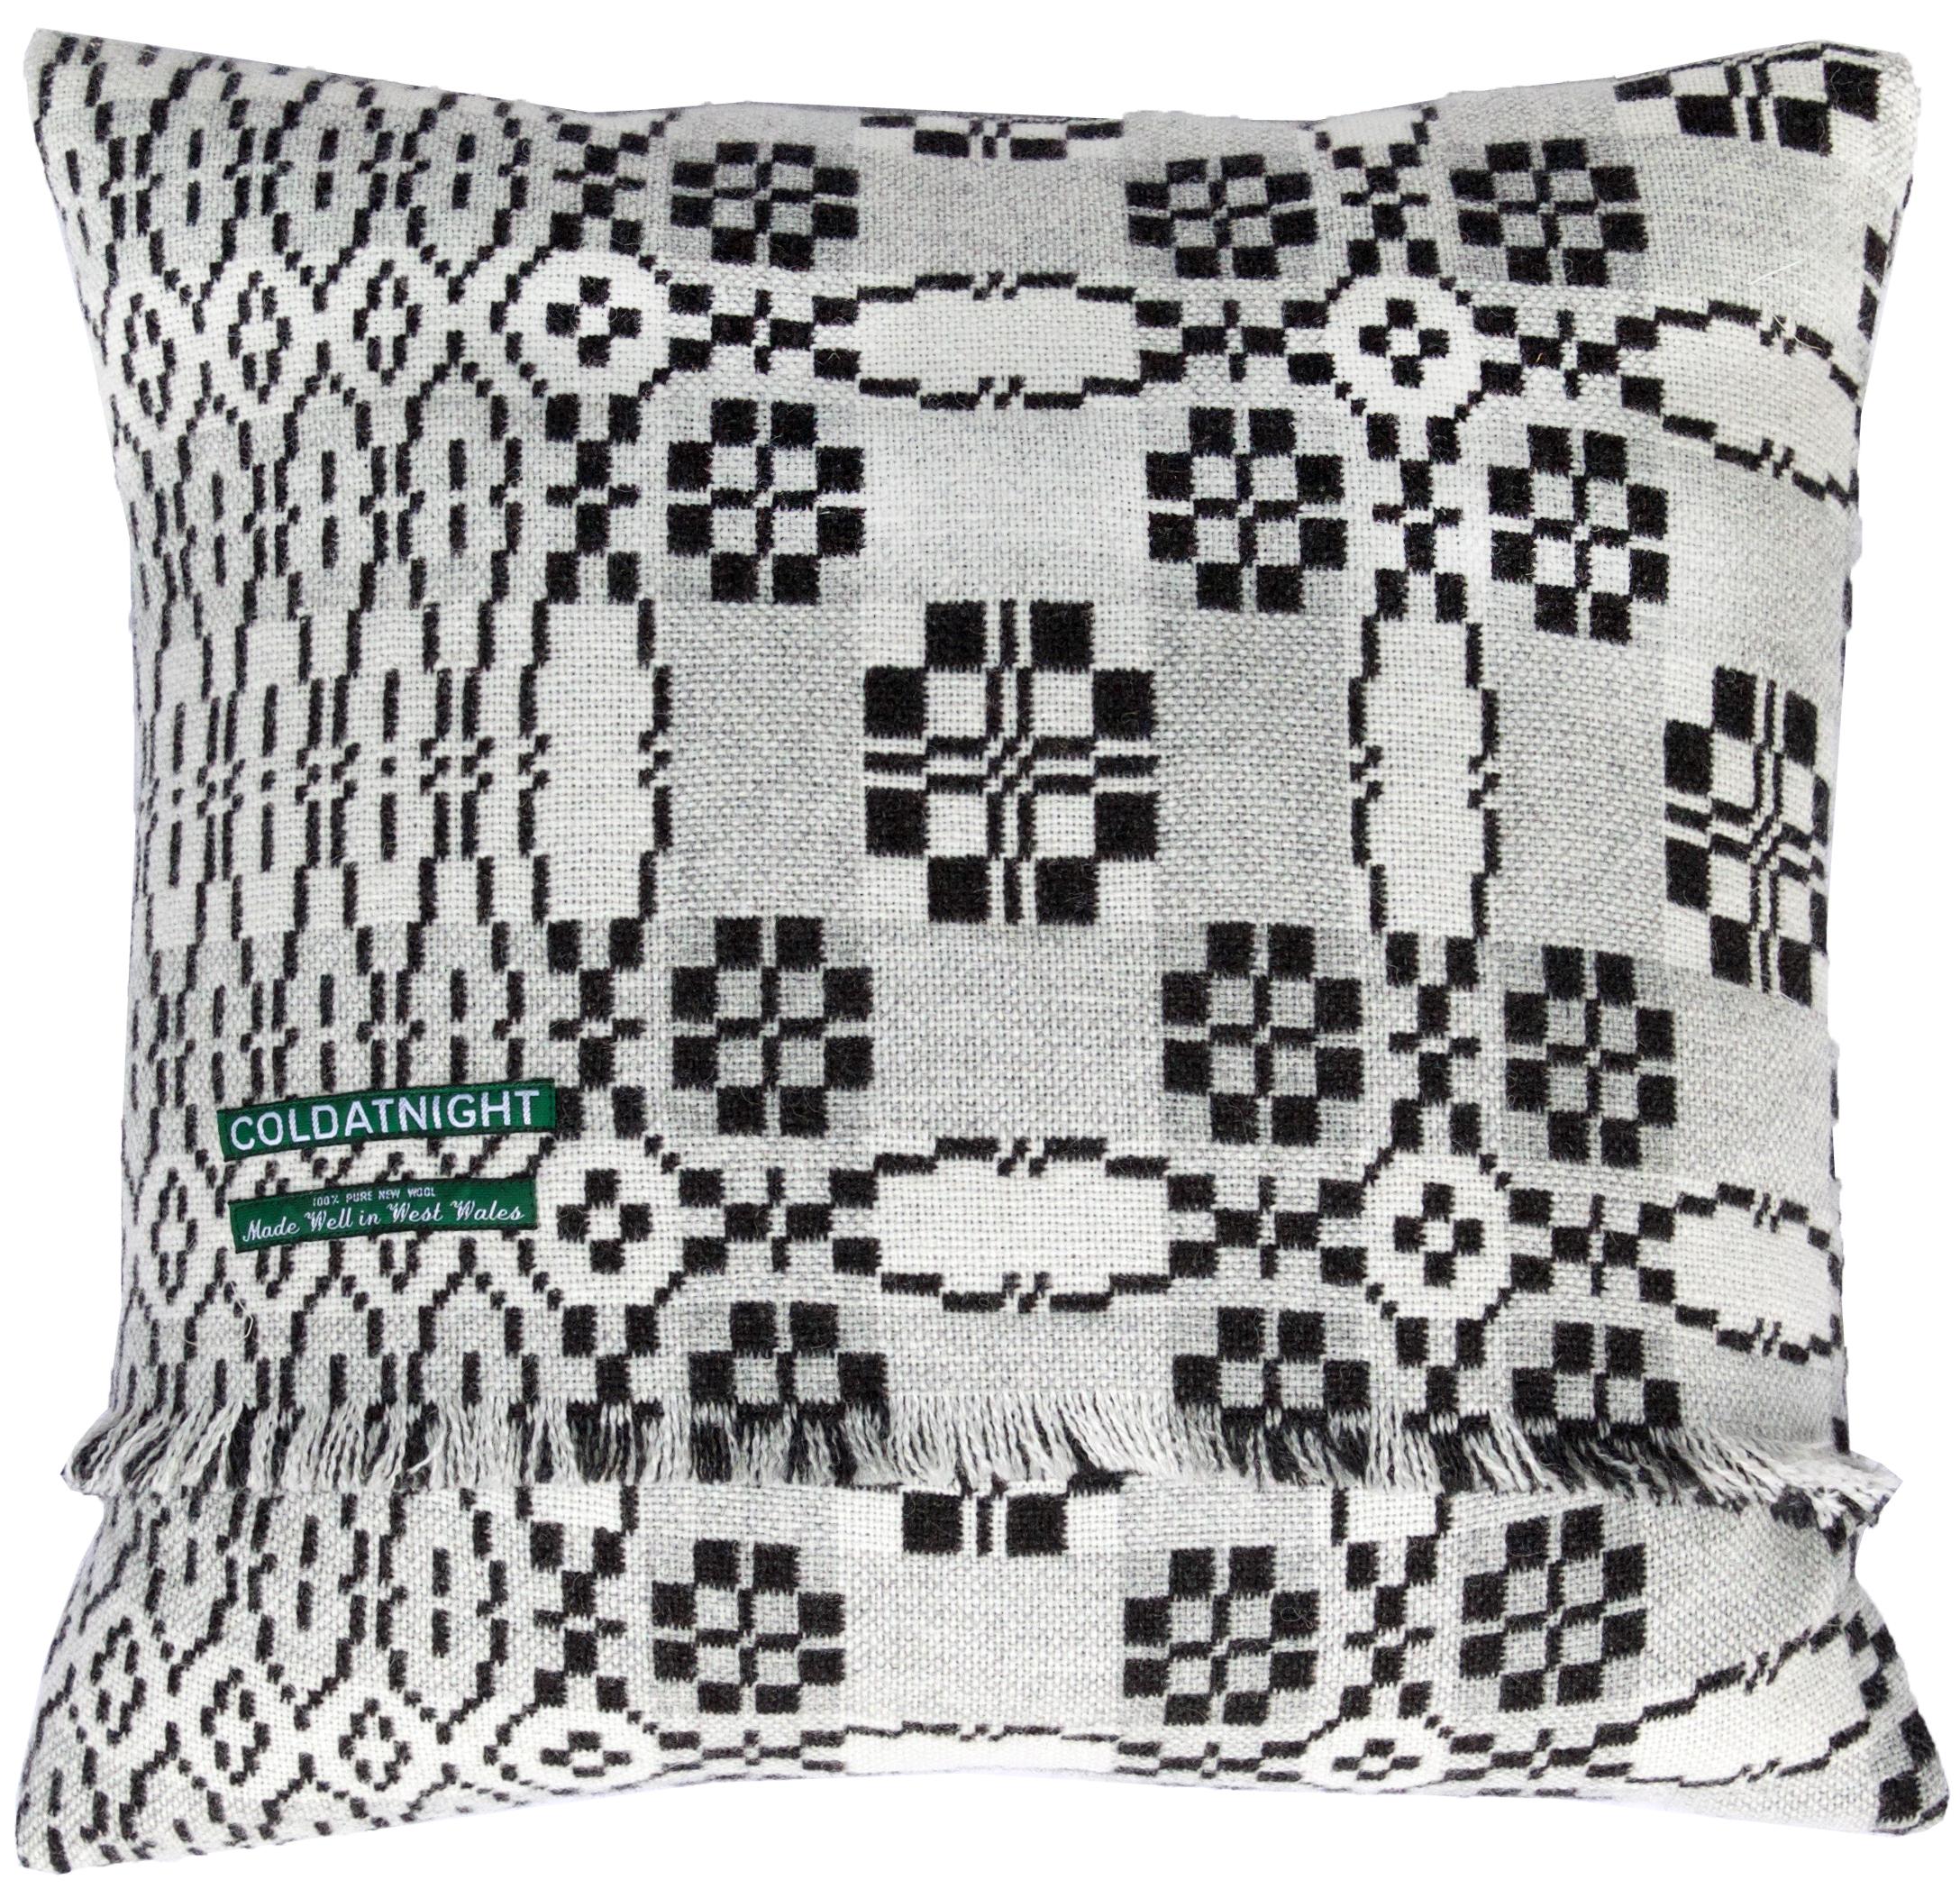 Blanket cushion - £60